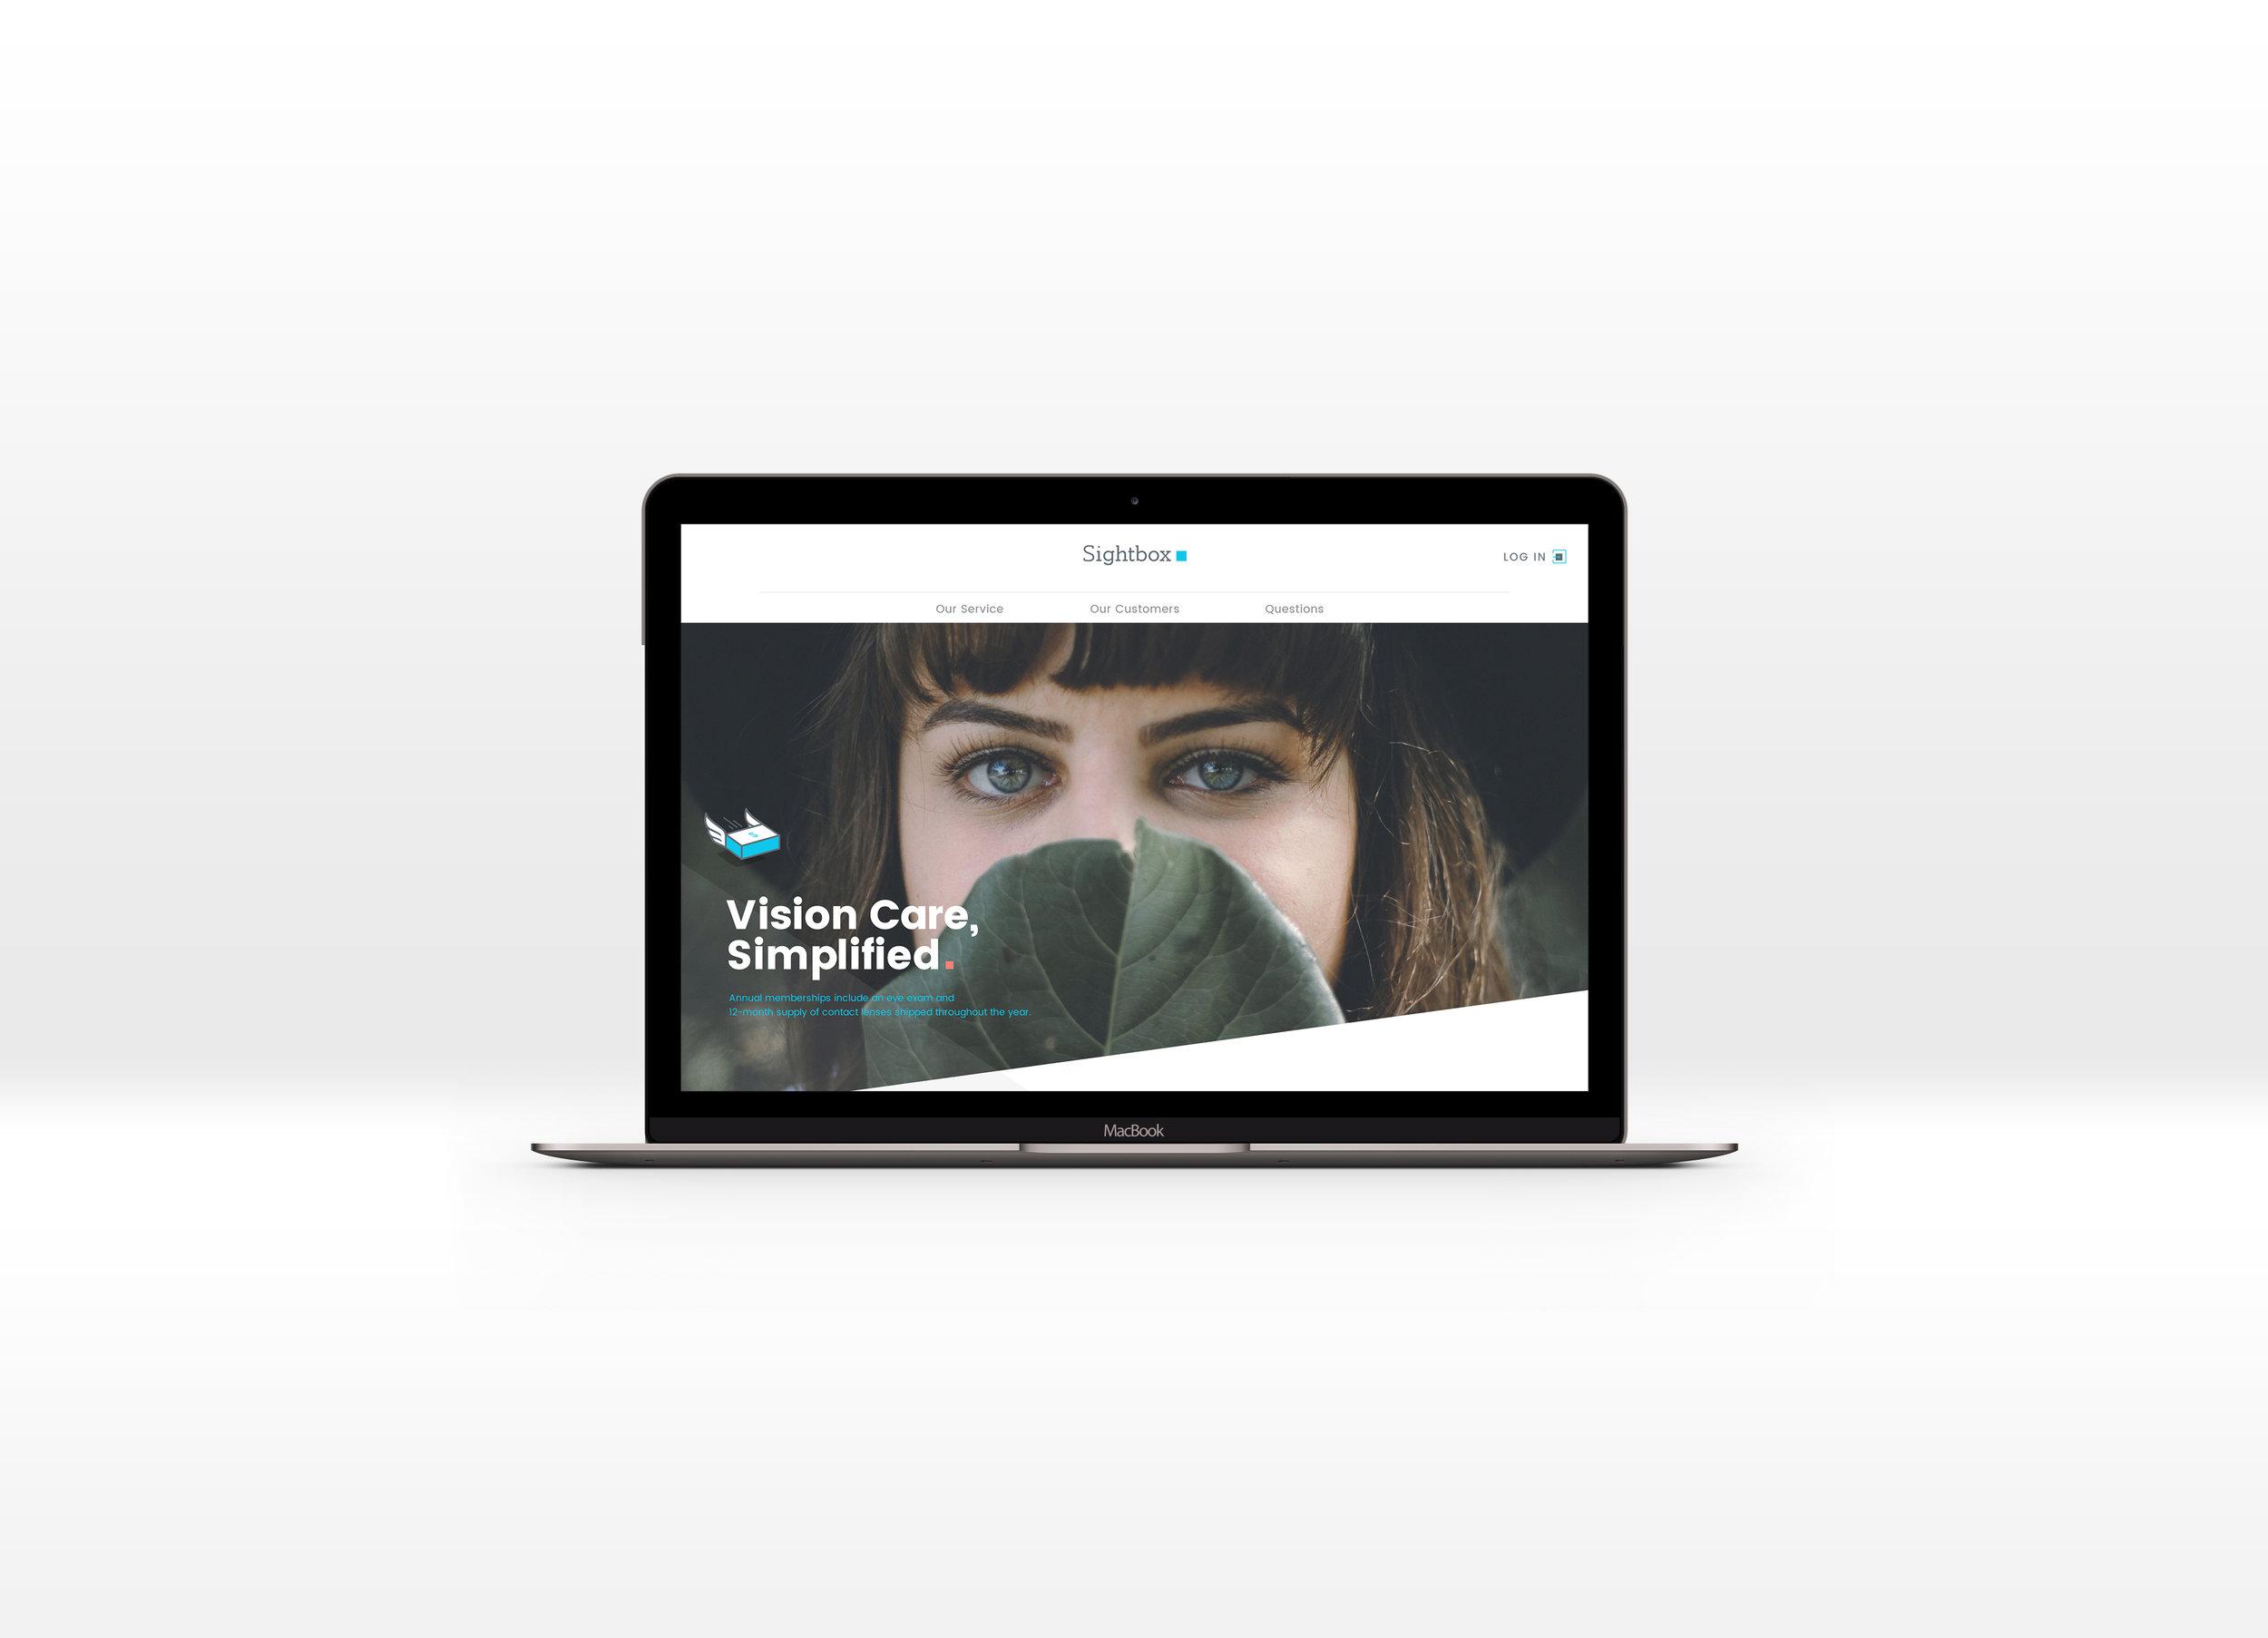 003-MacBook-Space-Gray.jpg